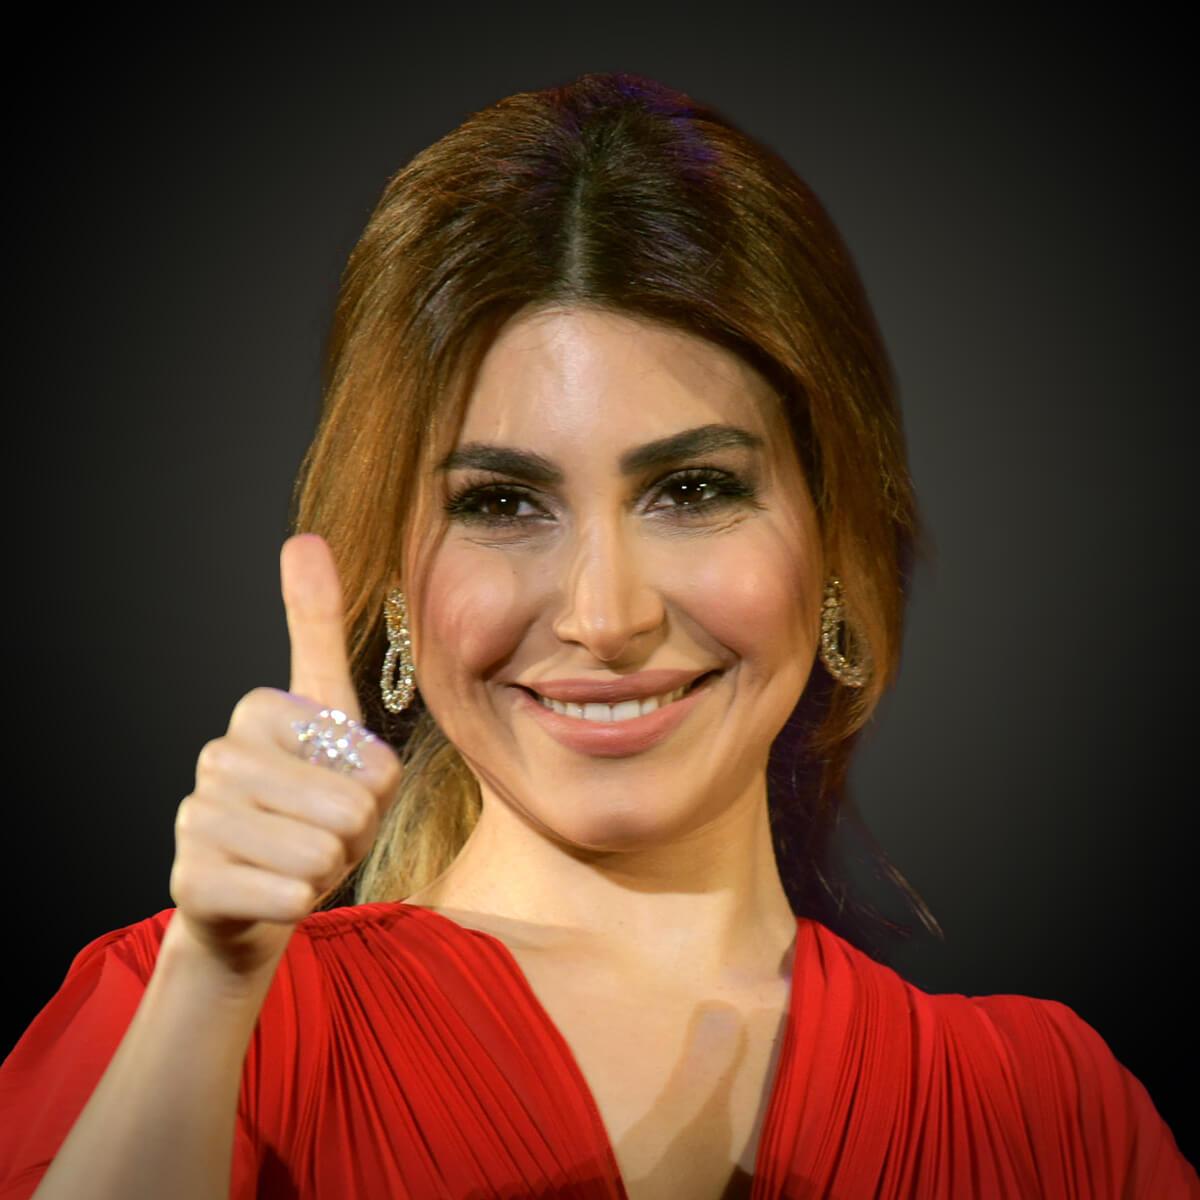 yara arab singer